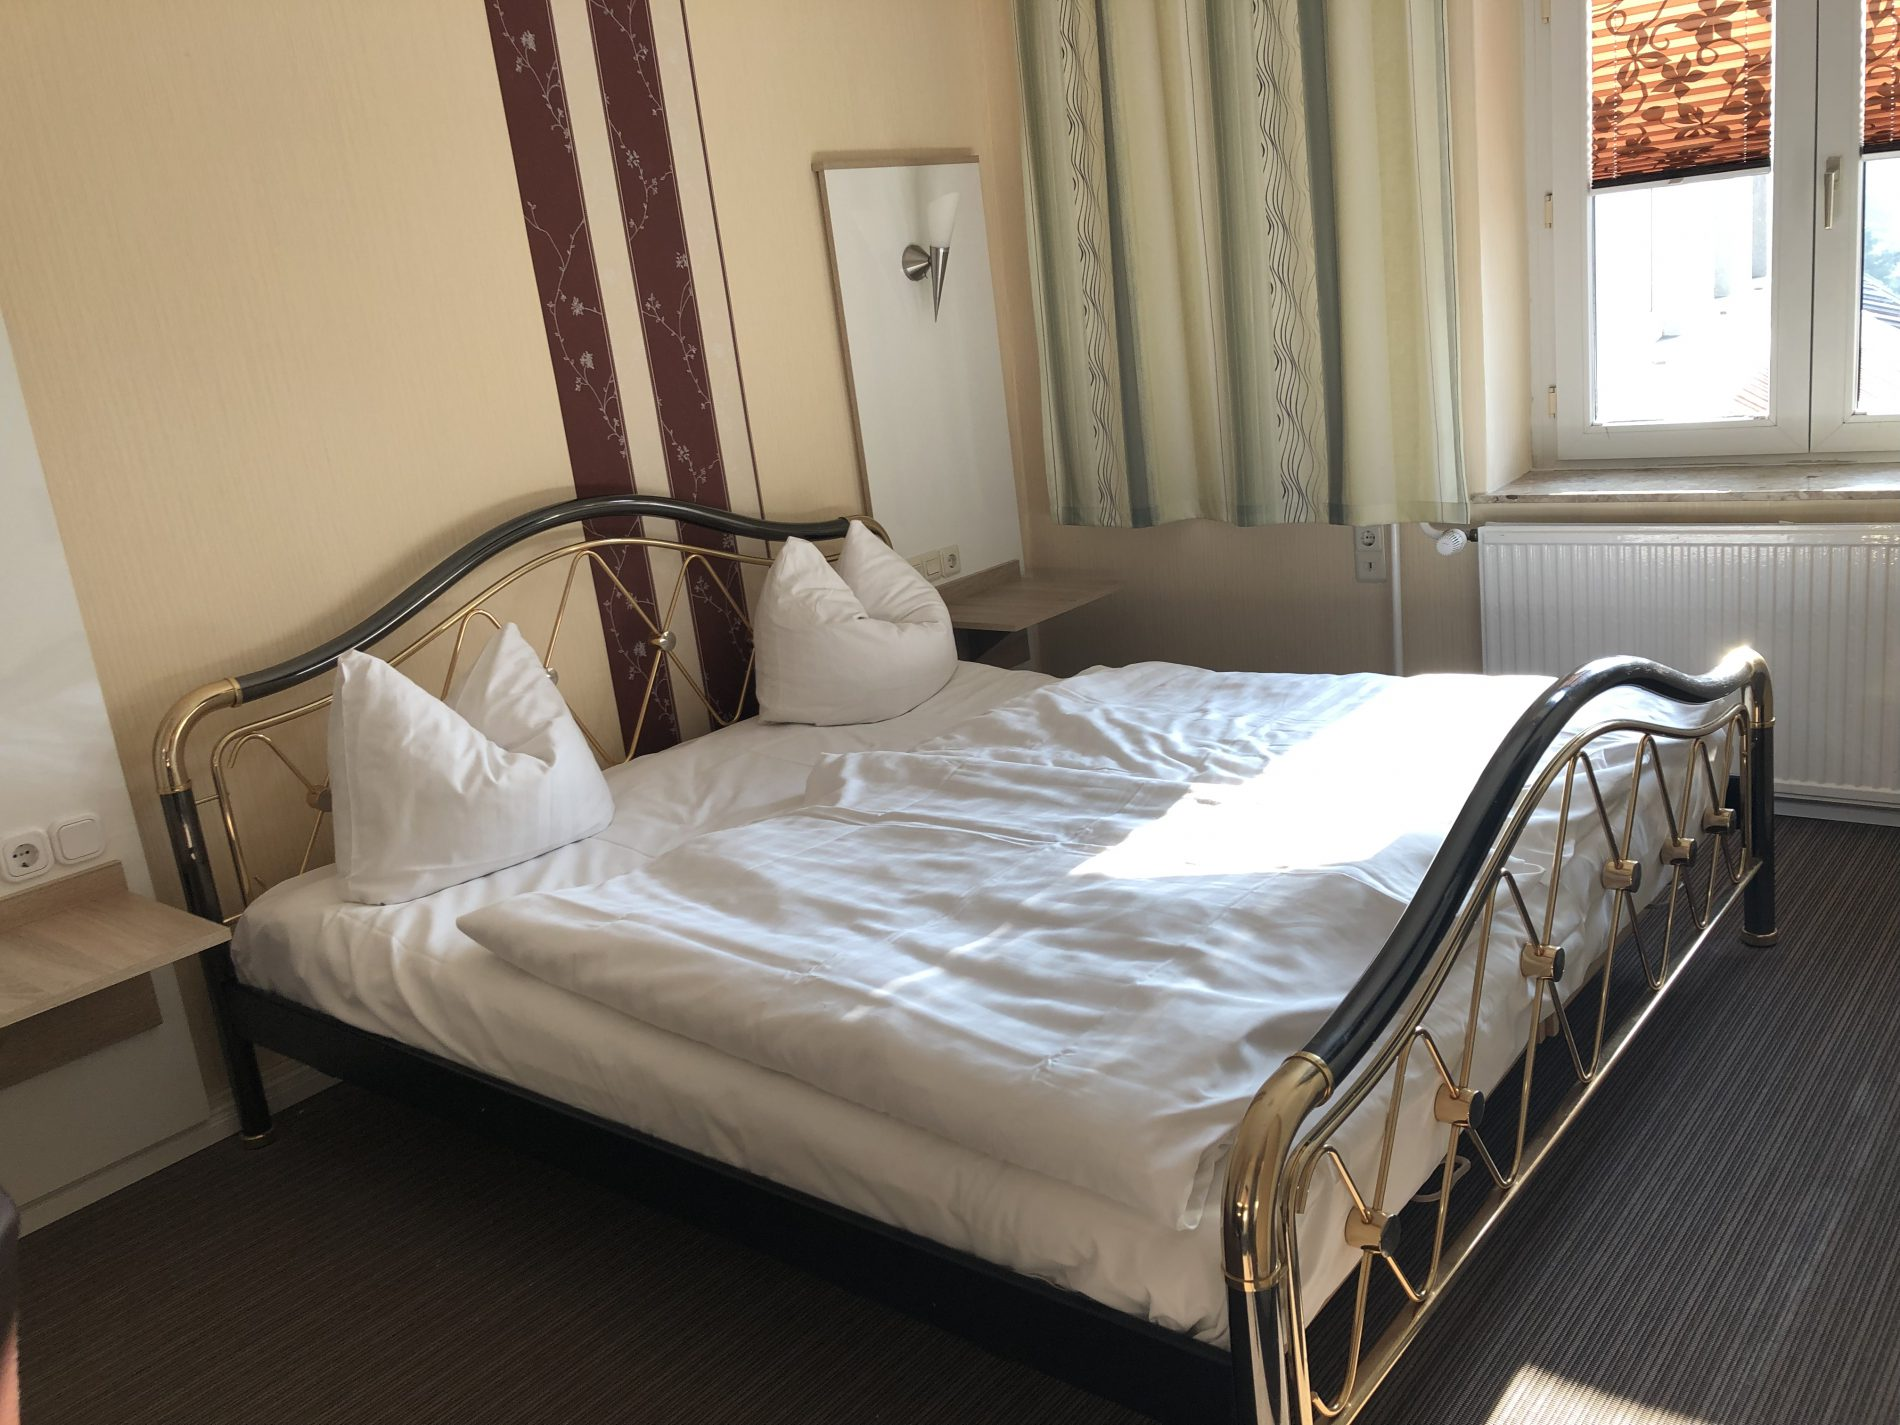 Doppelzimmer in Grabow - Übernachten in Mecklenburg